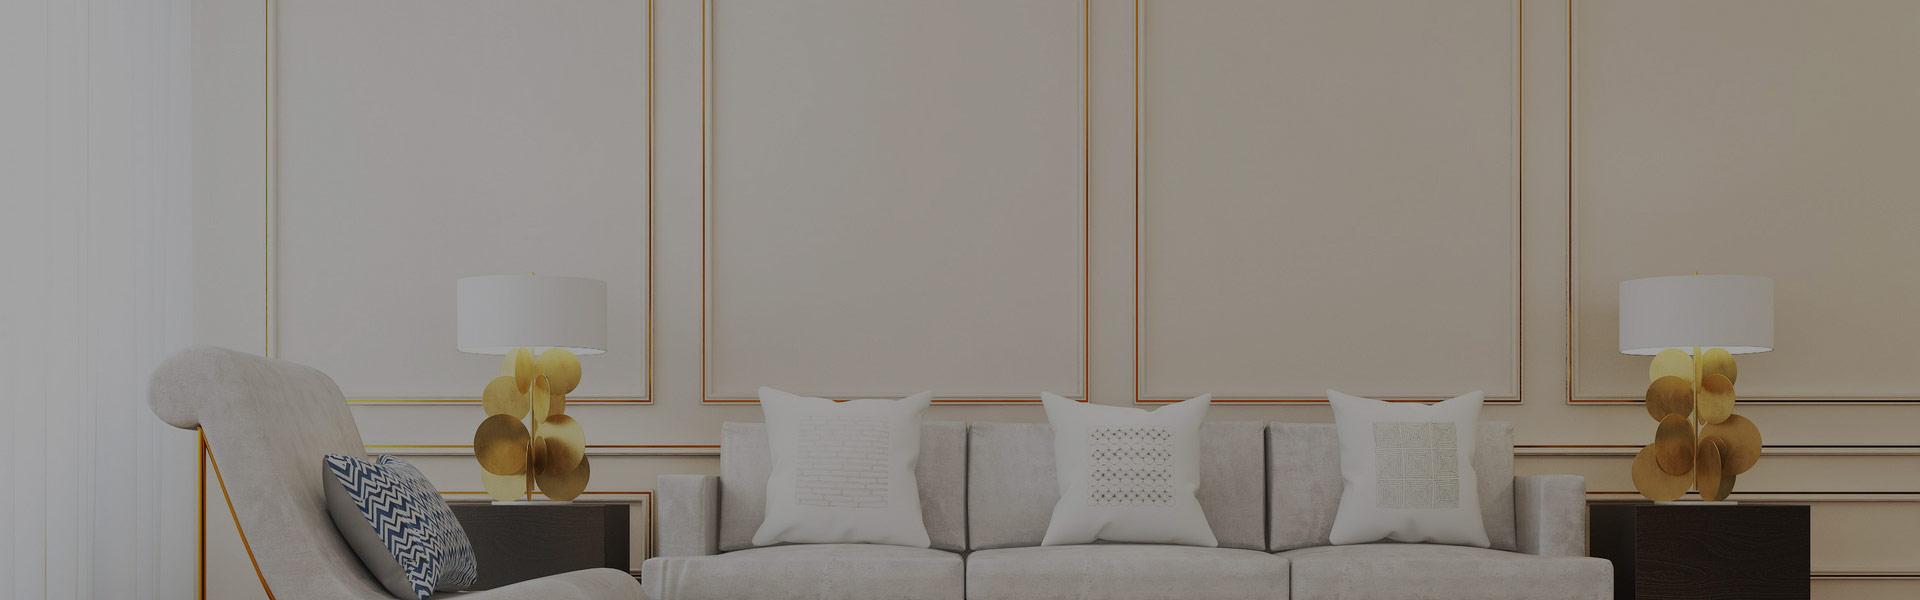 威海涂料膩子粉廠家介紹一下關于膩子粉和白水泥的區別